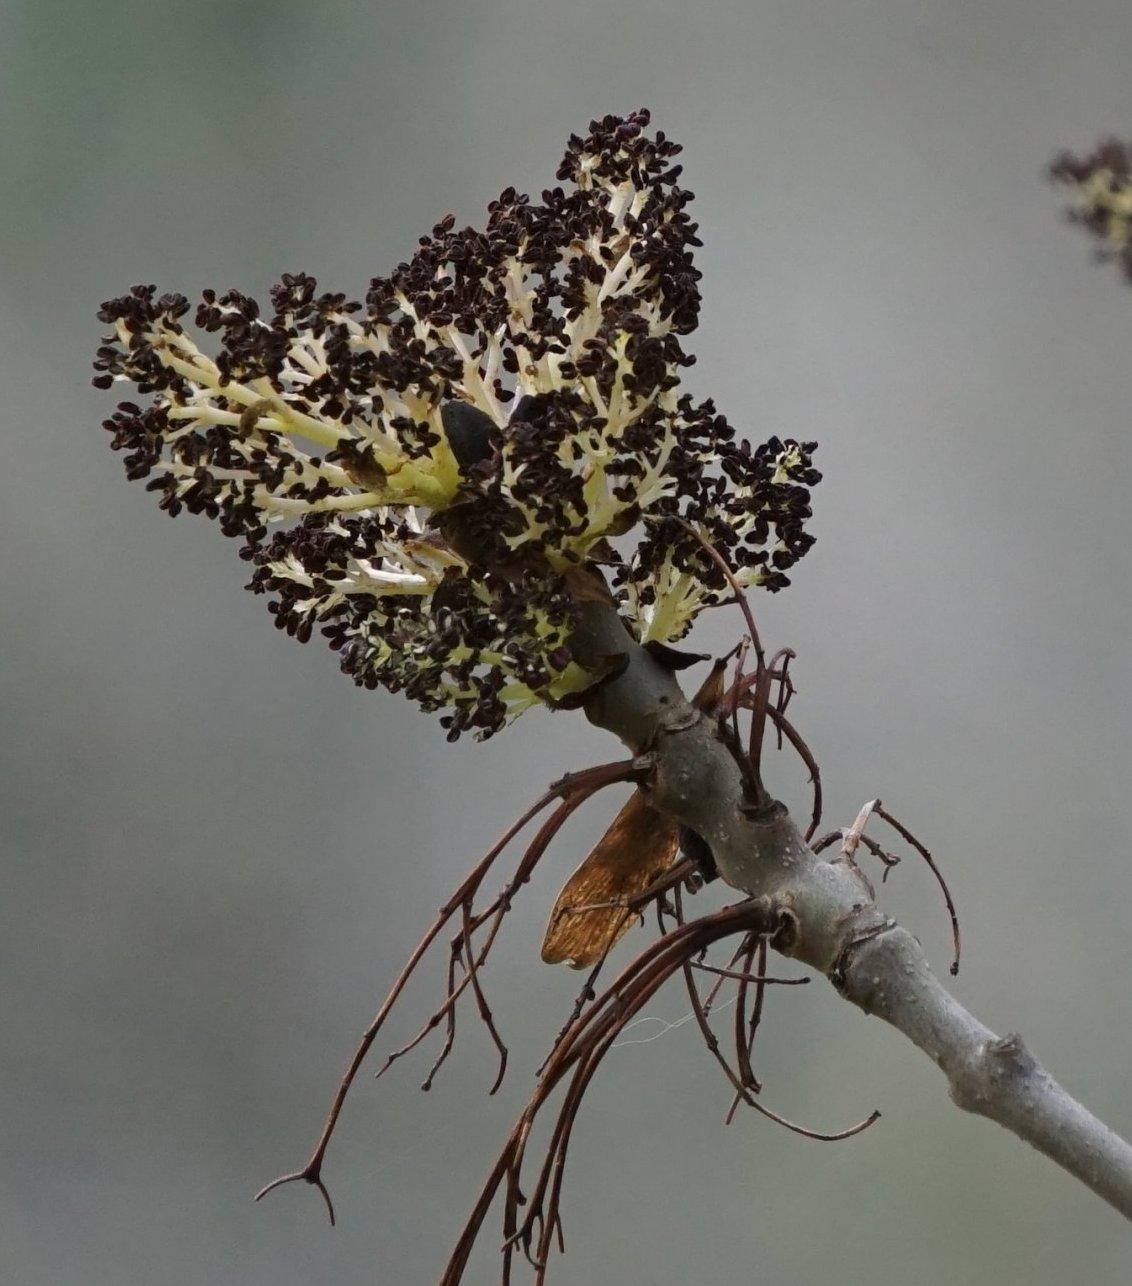 Das Bild zeigt die Blütenstände der Gewöhnlichen Esche. Sie sind reich verzweigte Rispen, wobei die heranwachsenden Verzweigungen grünlich-weiß sind.